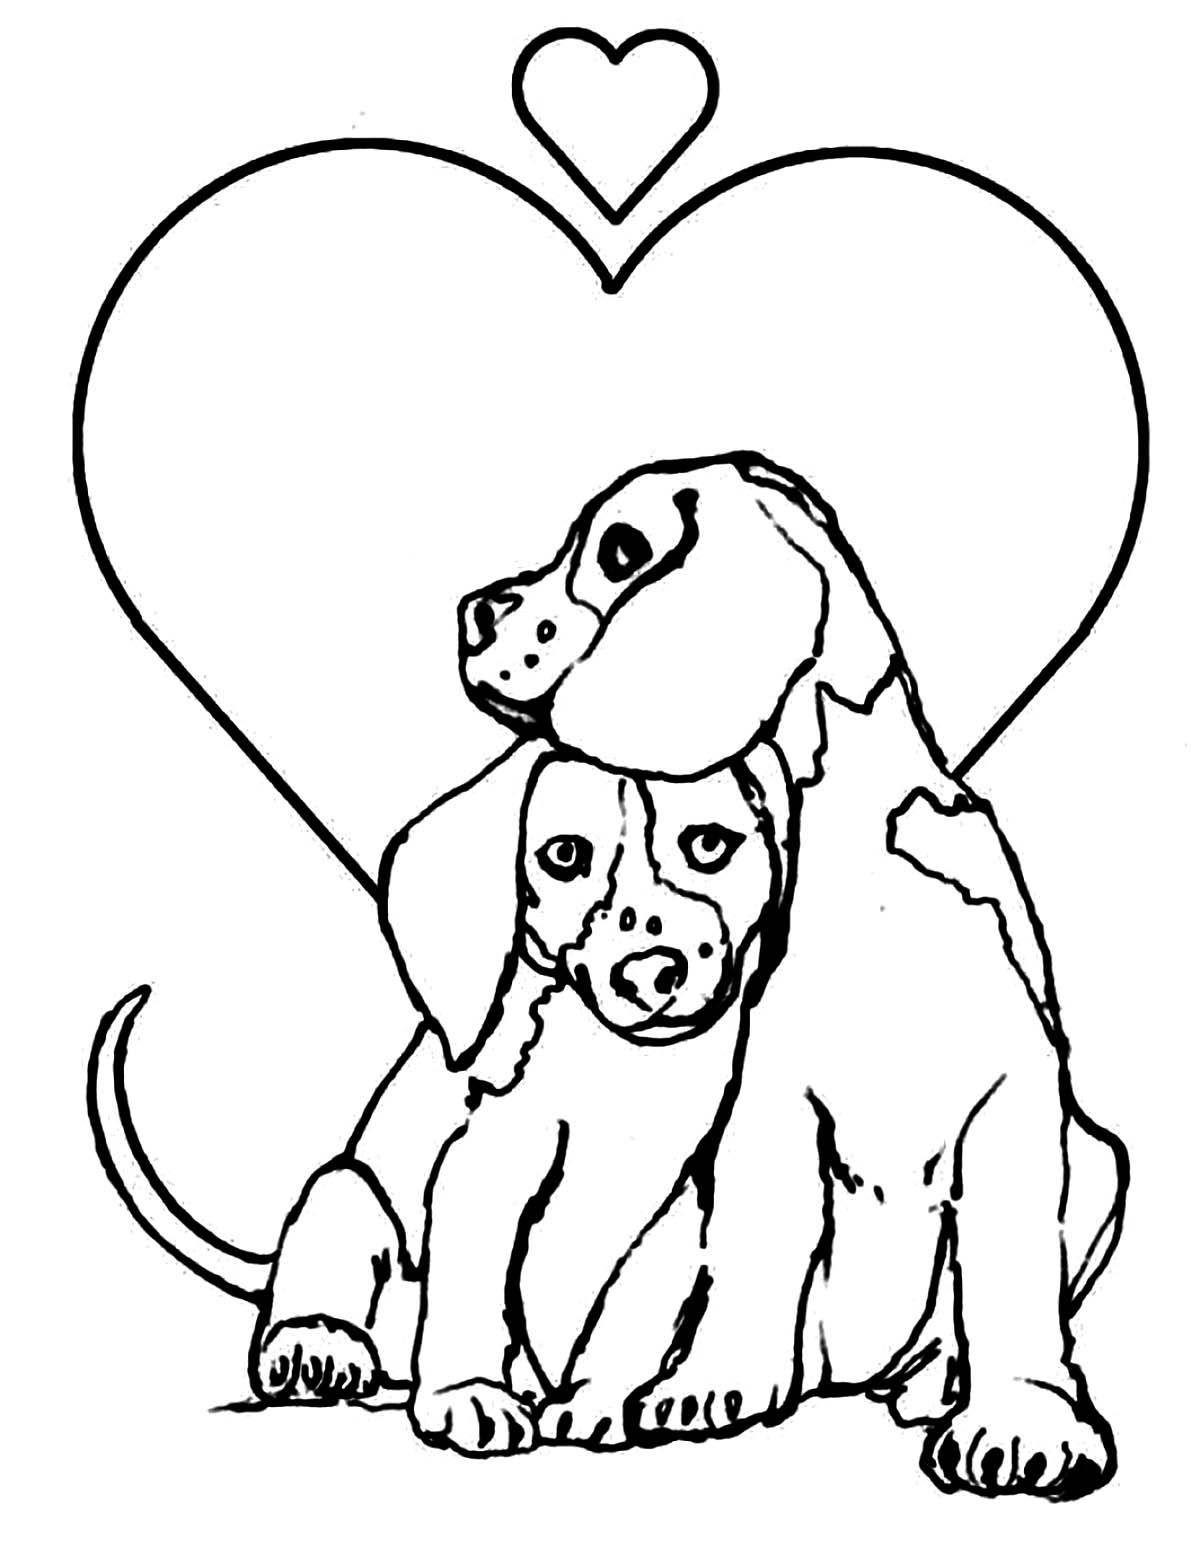 hund malvorlagen zum ausdrucken - coloring in 2020